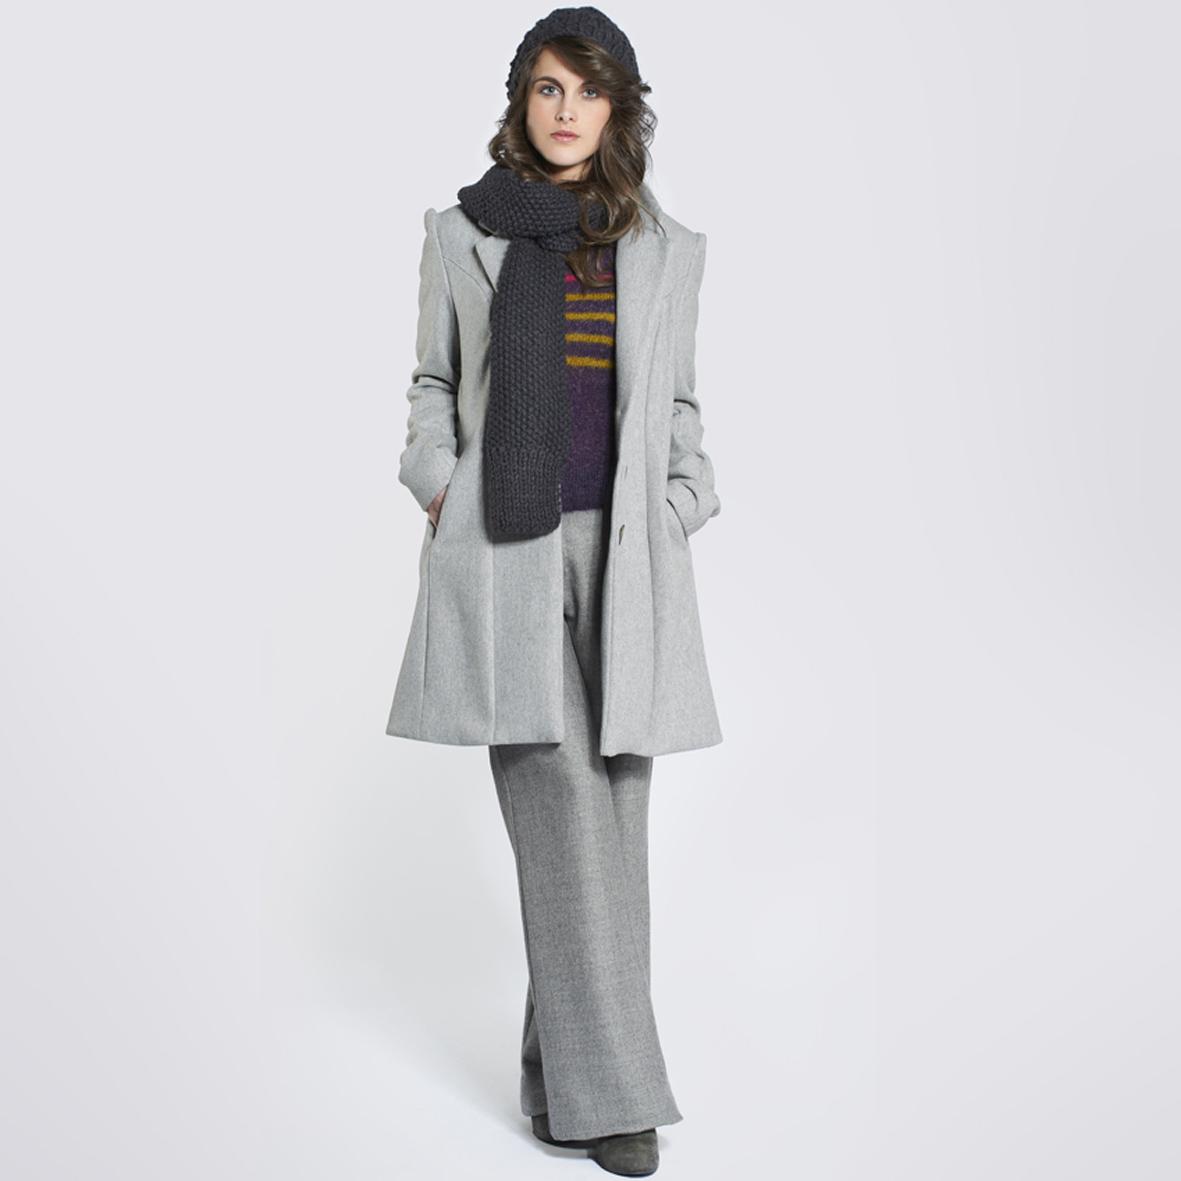 Manteau laine lola bon 39 heure - Achat de manteau en ligne ...